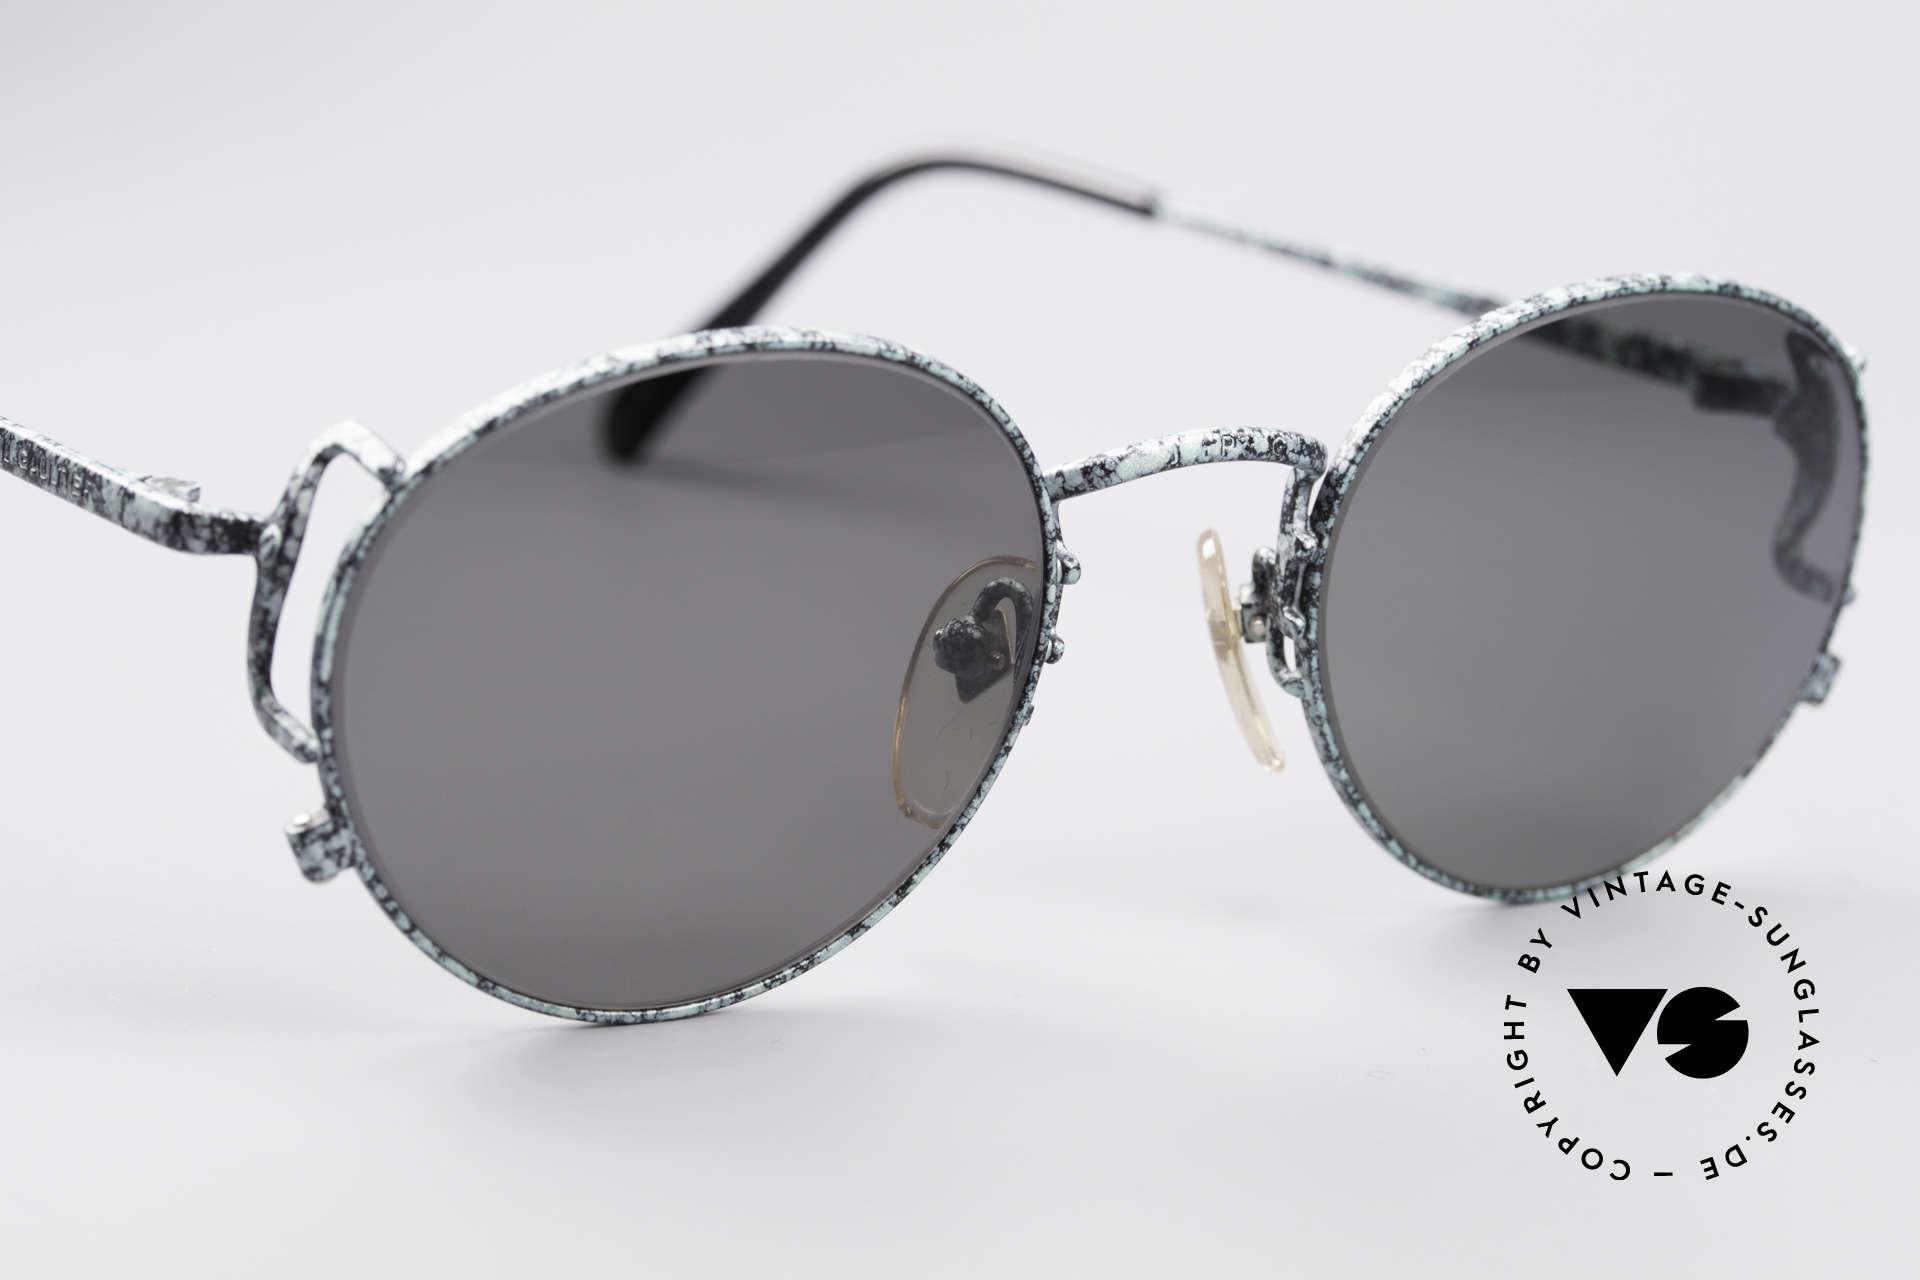 Jean Paul Gaultier 55-3178 Polarisierende Sonnenbrille, KEINE Retrobrille; ein ca. 25 Jahre altes Unikat!, Passend für Herren und Damen